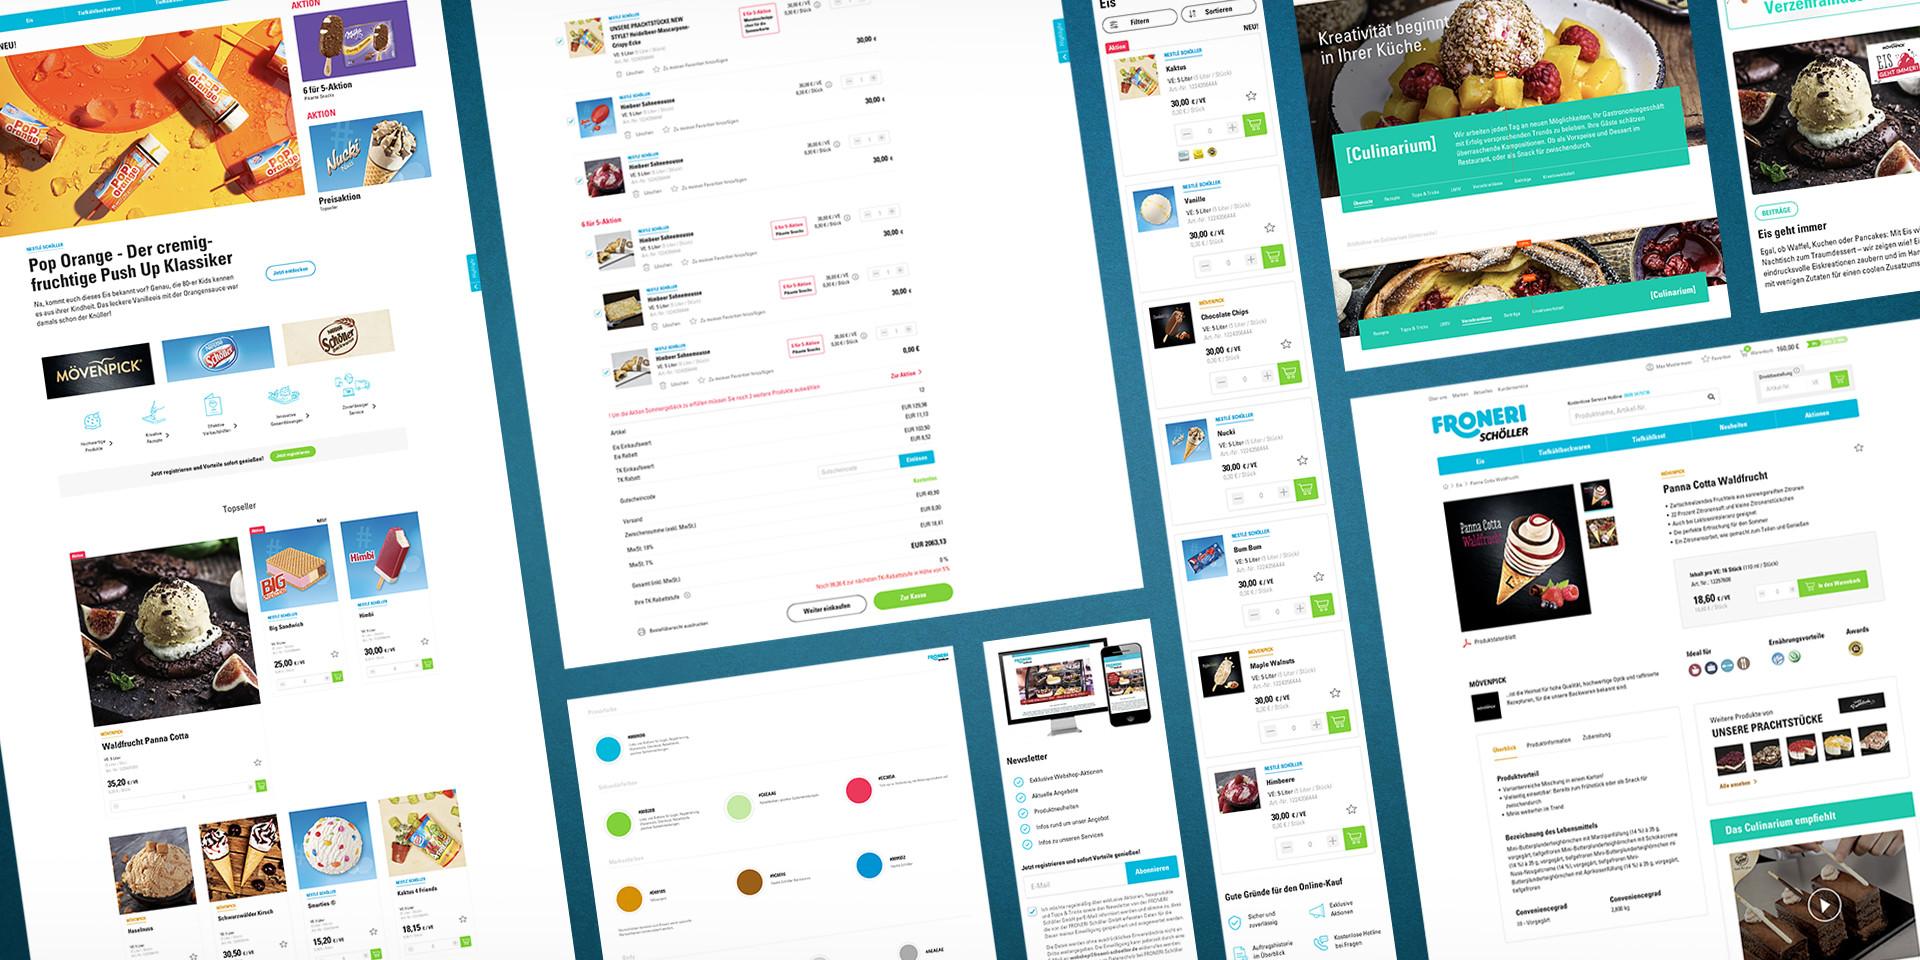 Screens B2B-Onlineshop Froneri Schöller